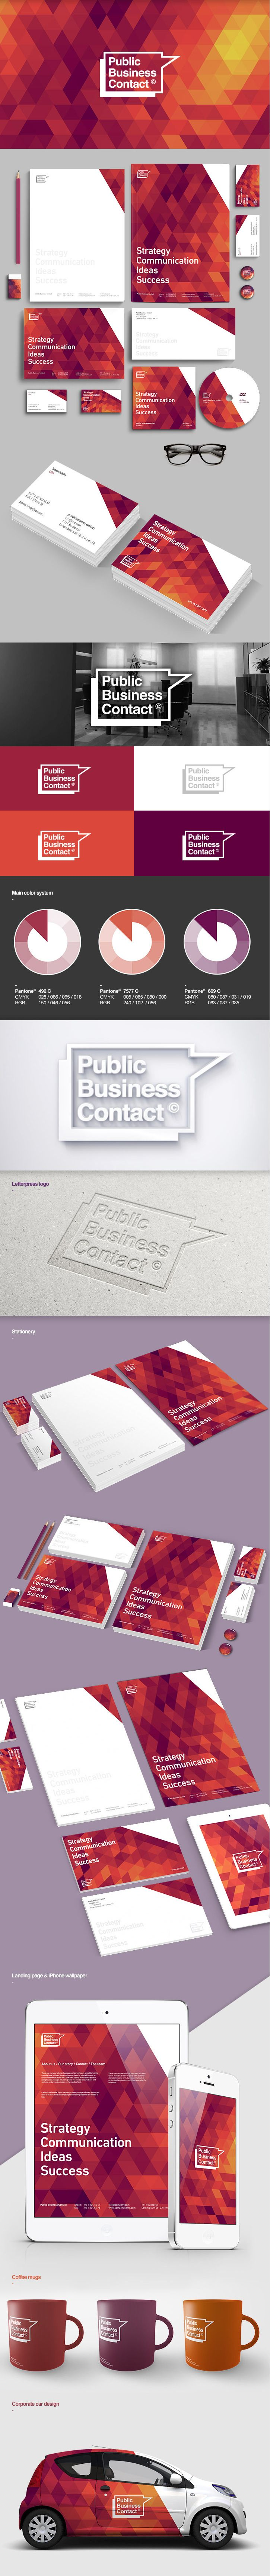 PBC© corporate identity concept                                                                                                                                                                                 More